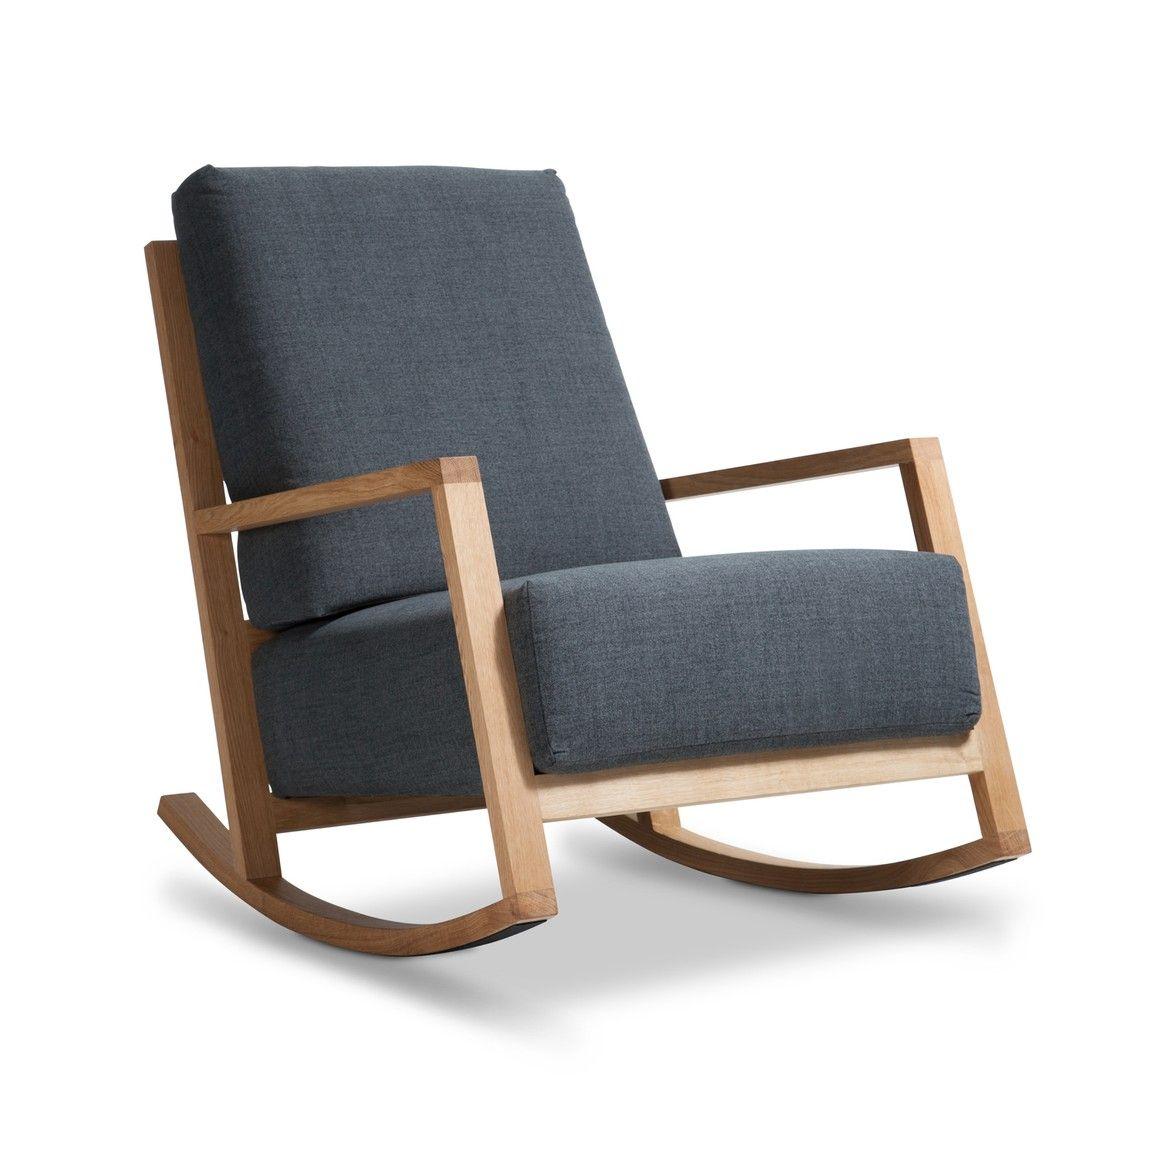 wohnzimmerm bel f r ihr wohnzimmer jetzt bei interio schweiz sessel st hle pinterest. Black Bedroom Furniture Sets. Home Design Ideas